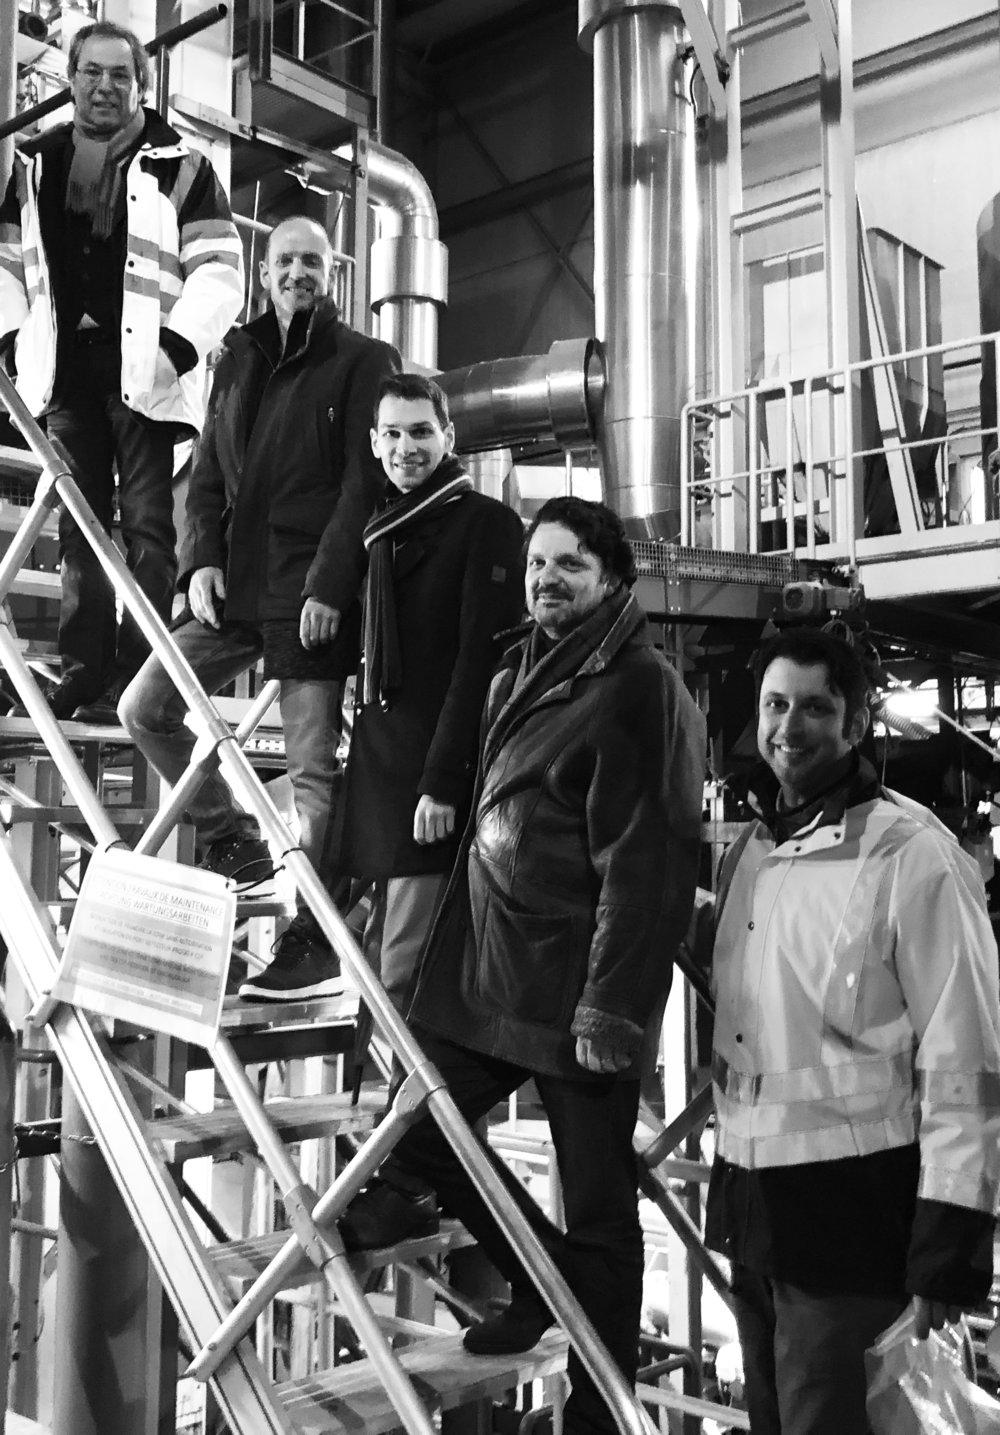 Präsident von Soil Concept Marc Demoulling, Carbonauten Torsten Becker, Stephan Enge und Christoph Hiemer sowie Alex Kolomijtschuk. Zum Soil Concept-Team gehört noch Betriebsleiter Ralf Köhler.